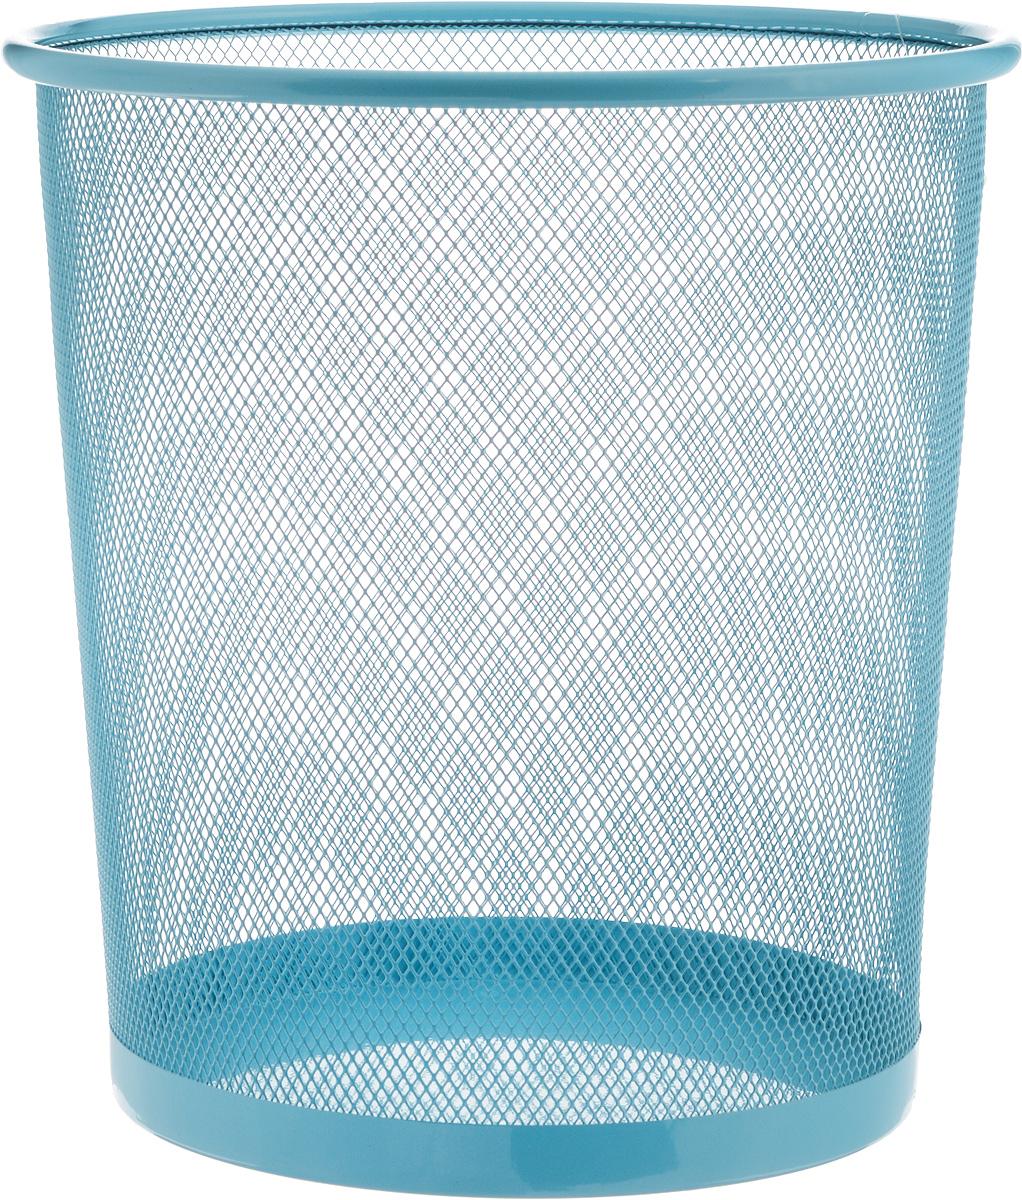 Корзина для мусора Zeller, цвет: голубой, 26 х 26 х 27,8 смHM-2151_бежевыйОригинальная корзина для мусора Zeller изготовлена из высококачественного металла. Такое изделие идеально подходит для использования как дома, так и в офисе. Корзина имеет сплошное дно, а стенки изделия оформлены перфорацией в виде сетки.Стильный дизайн и яркая расцветка прекрасно подойдет для любого интерьера. Диаметр (по верхнему краю): 26 см.Высота: 27,8 см.